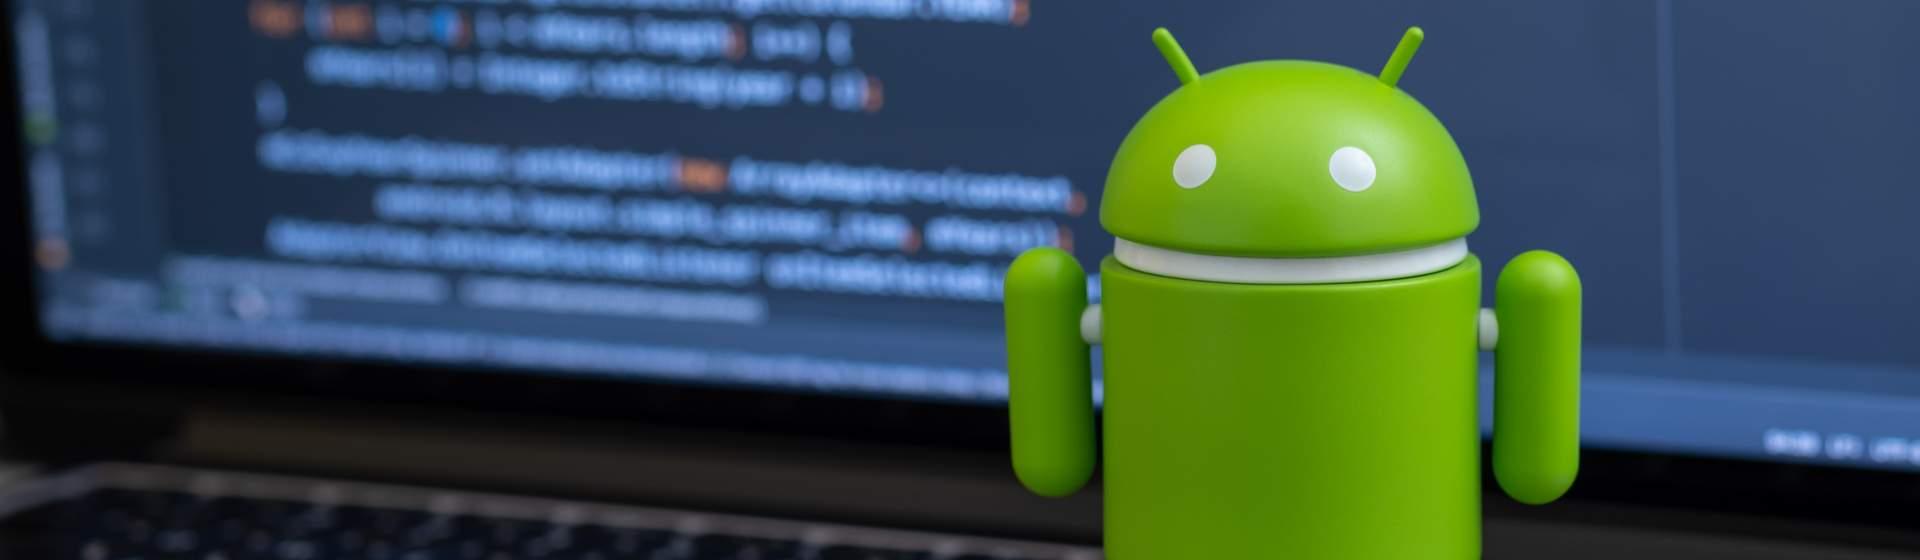 Emulador de Android para PC: veja melhores e saiba como usar